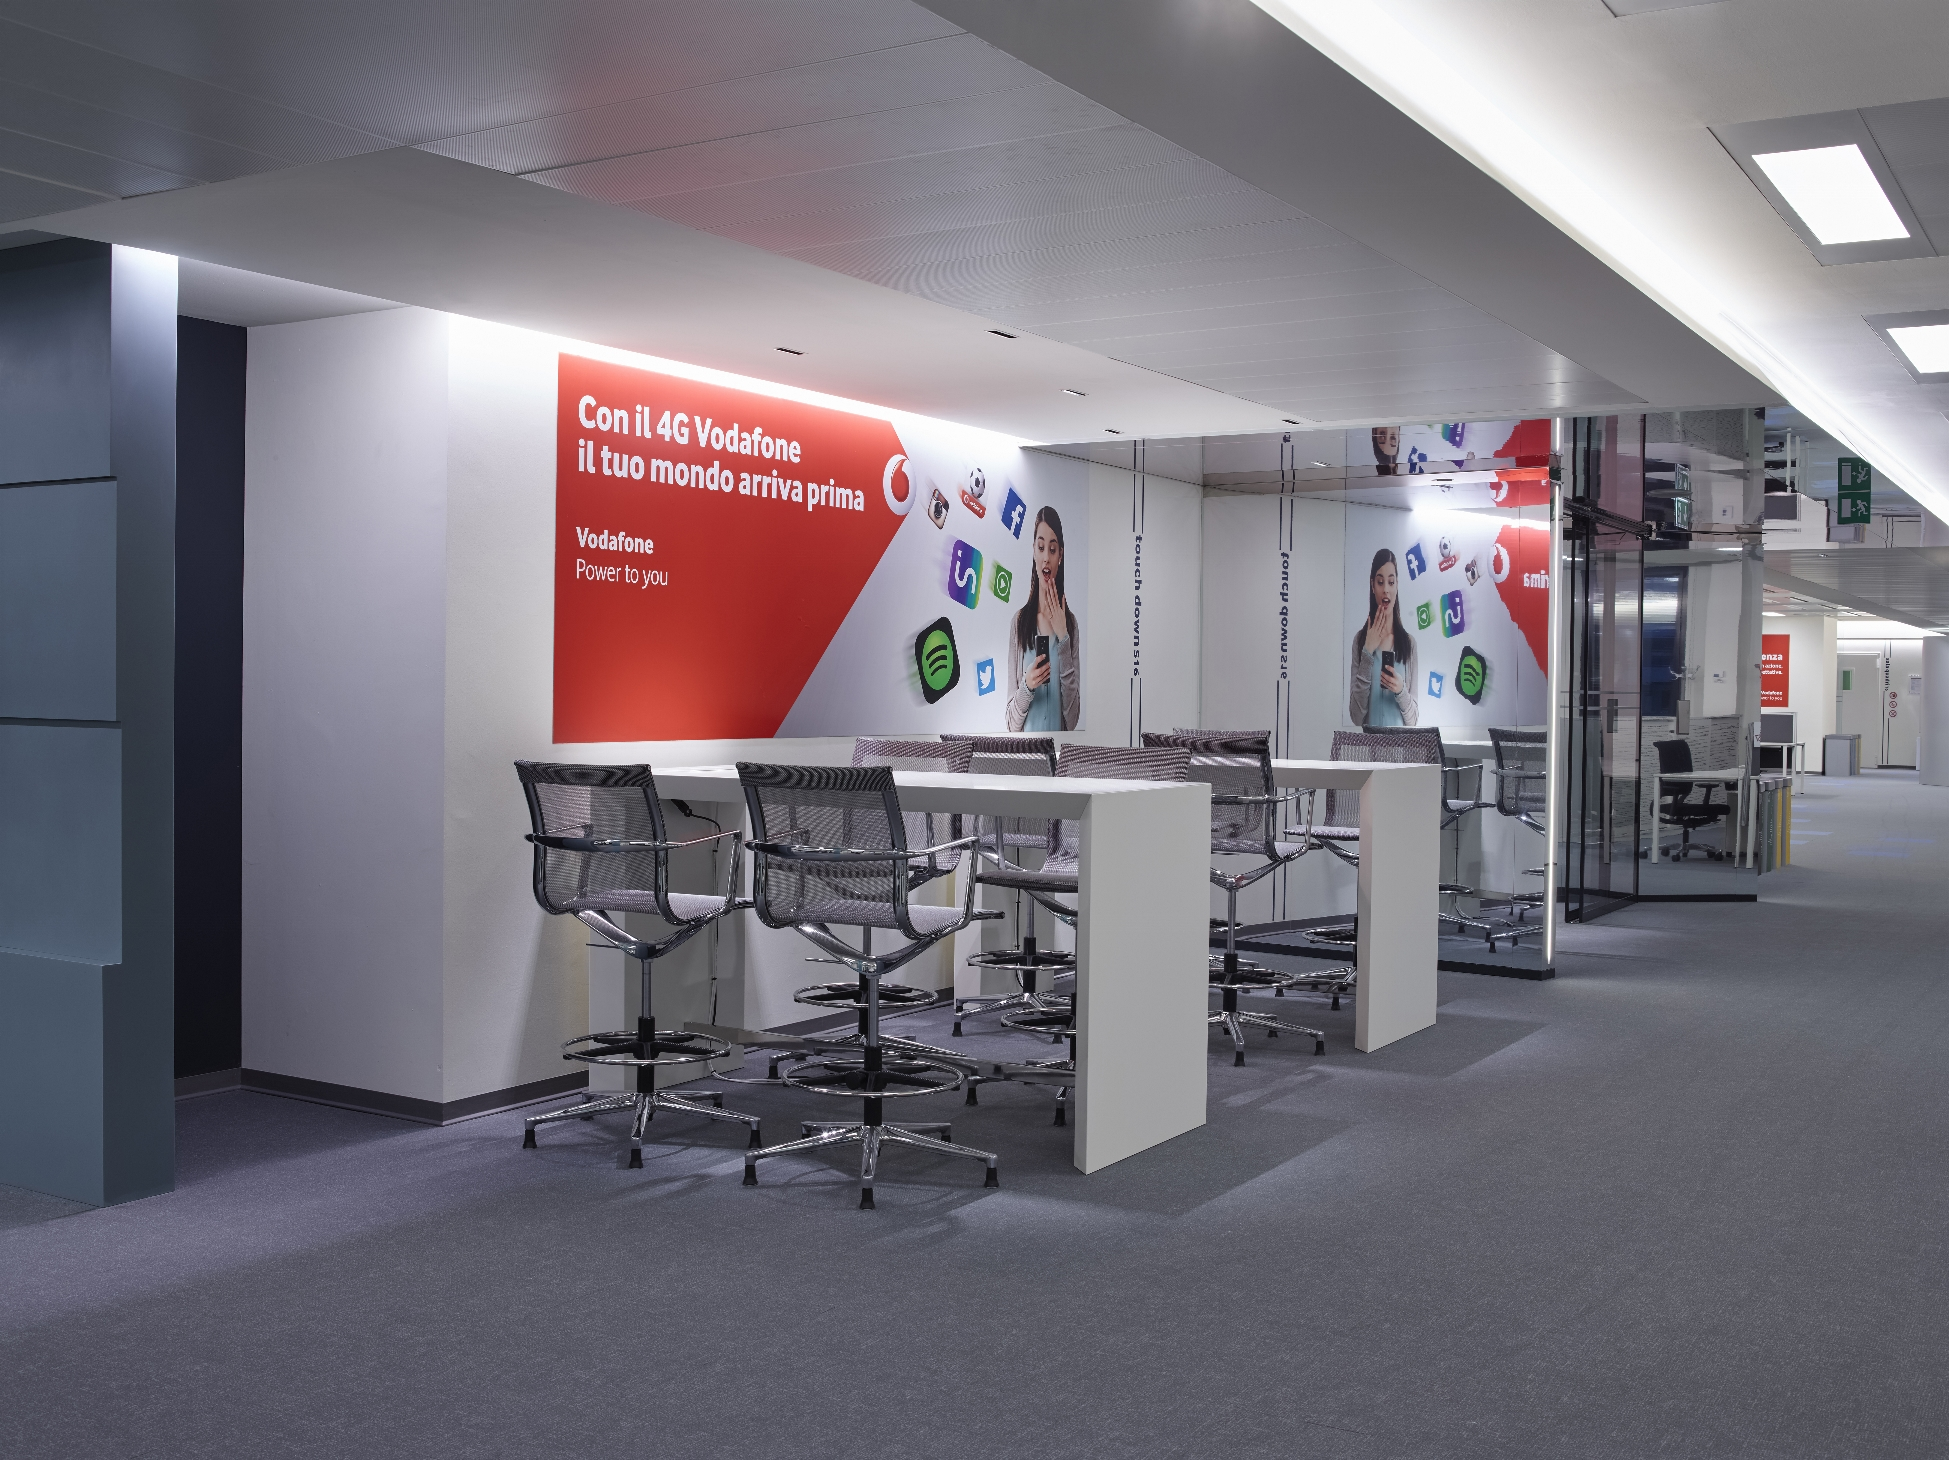 Ufficio Legale Vodafone : Vodafone la sede legale torna in italia ecco vodafone italia